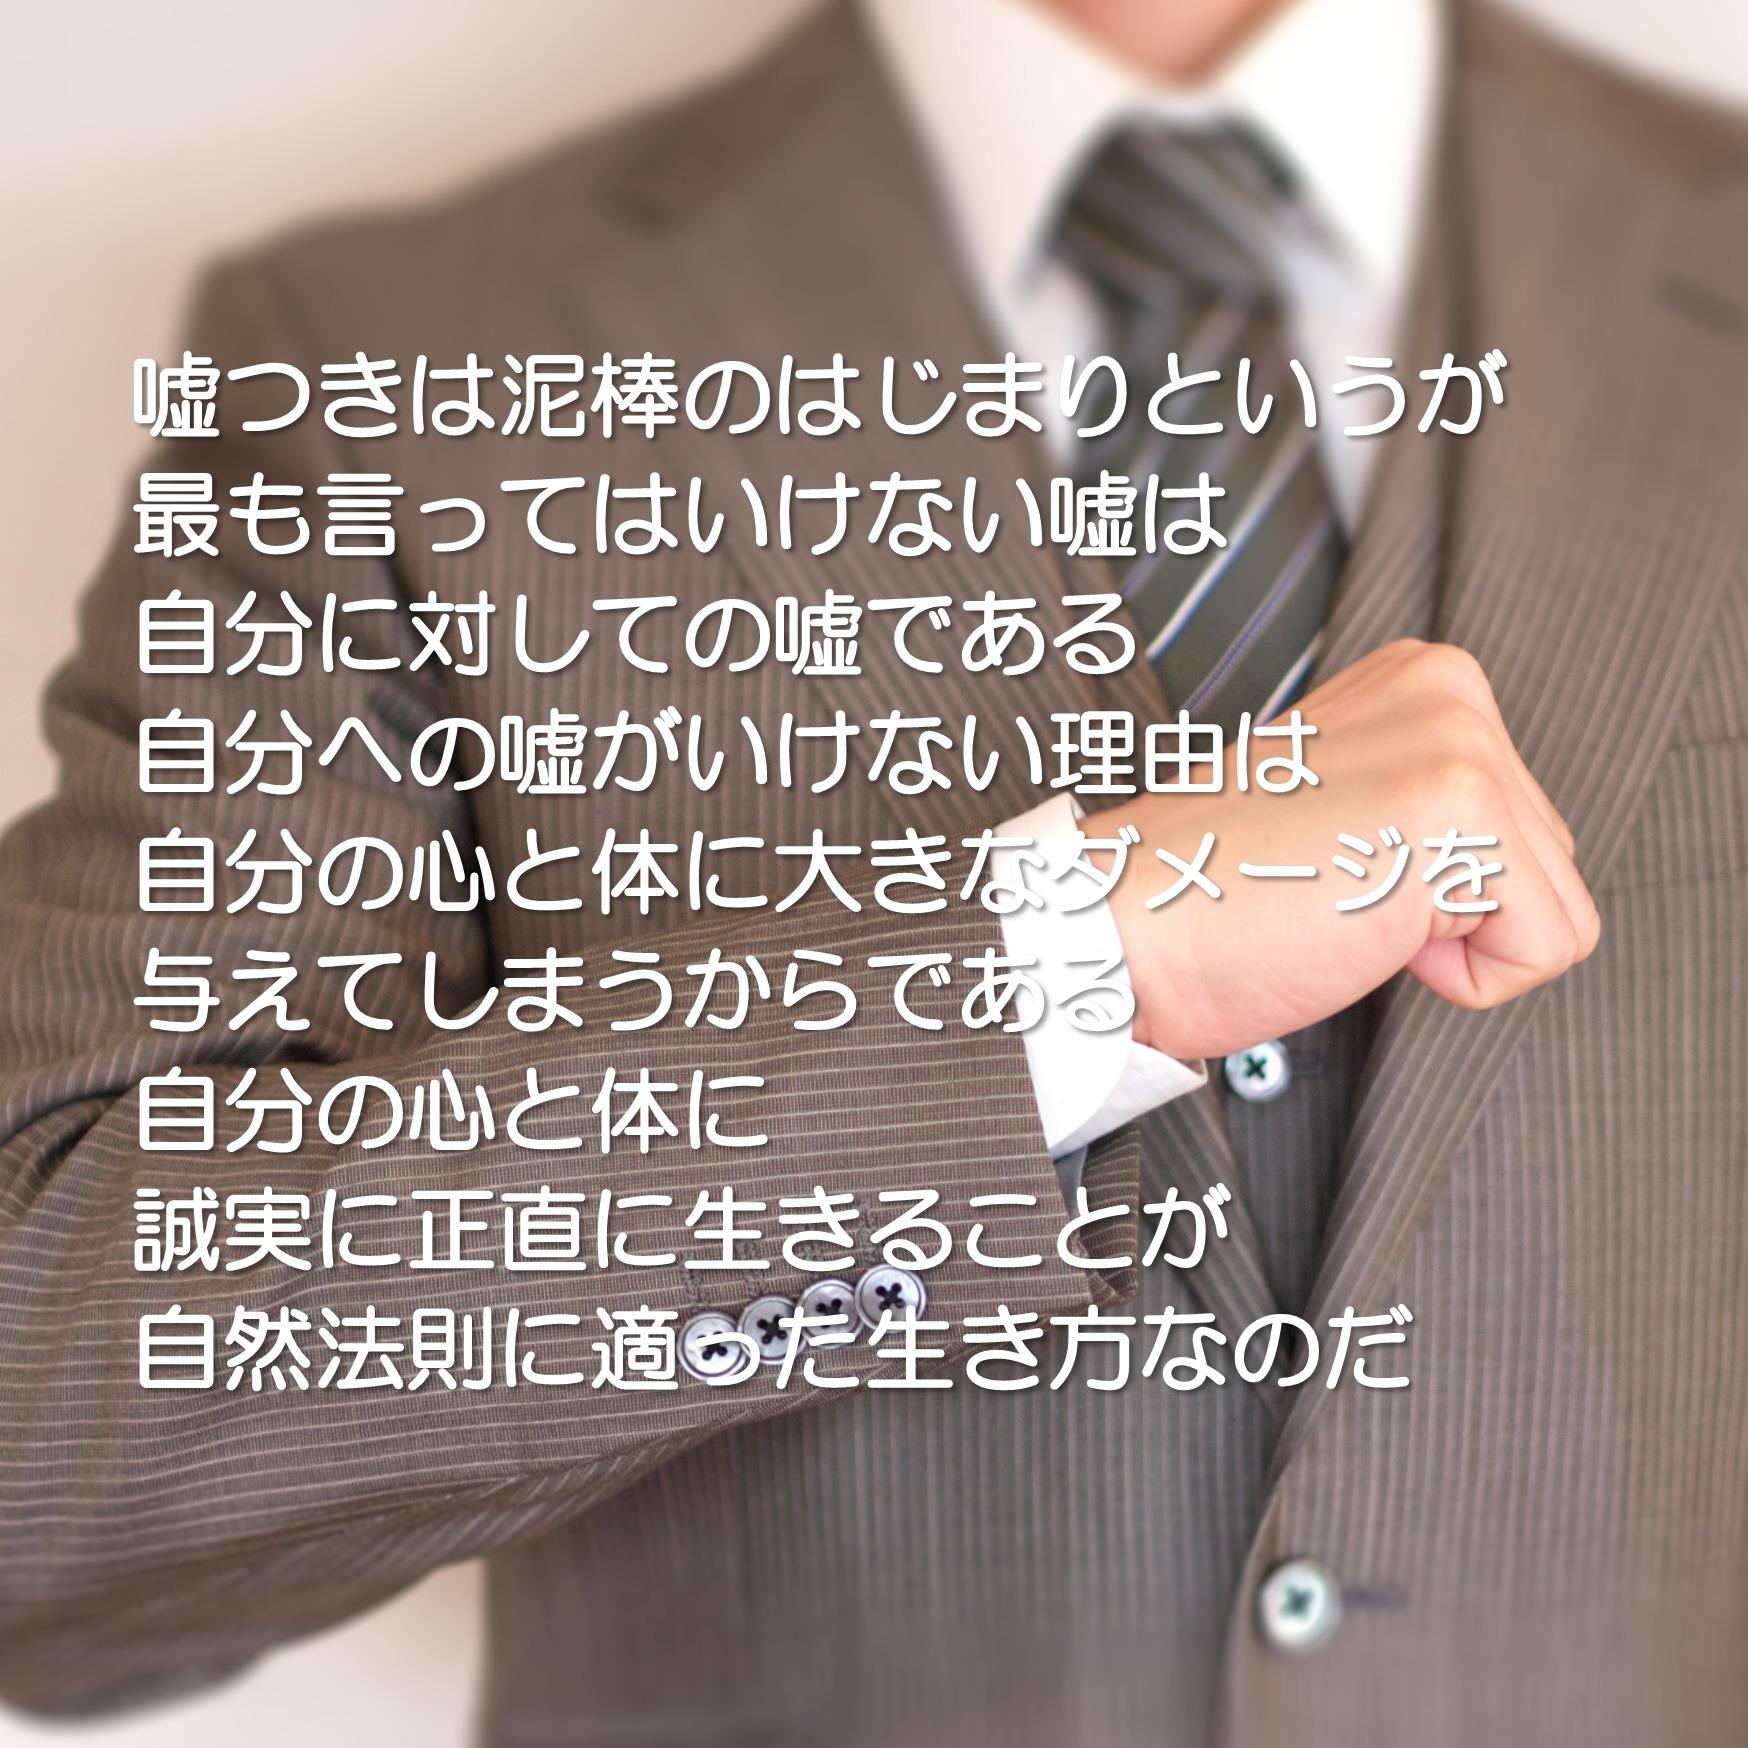 一言集No.10